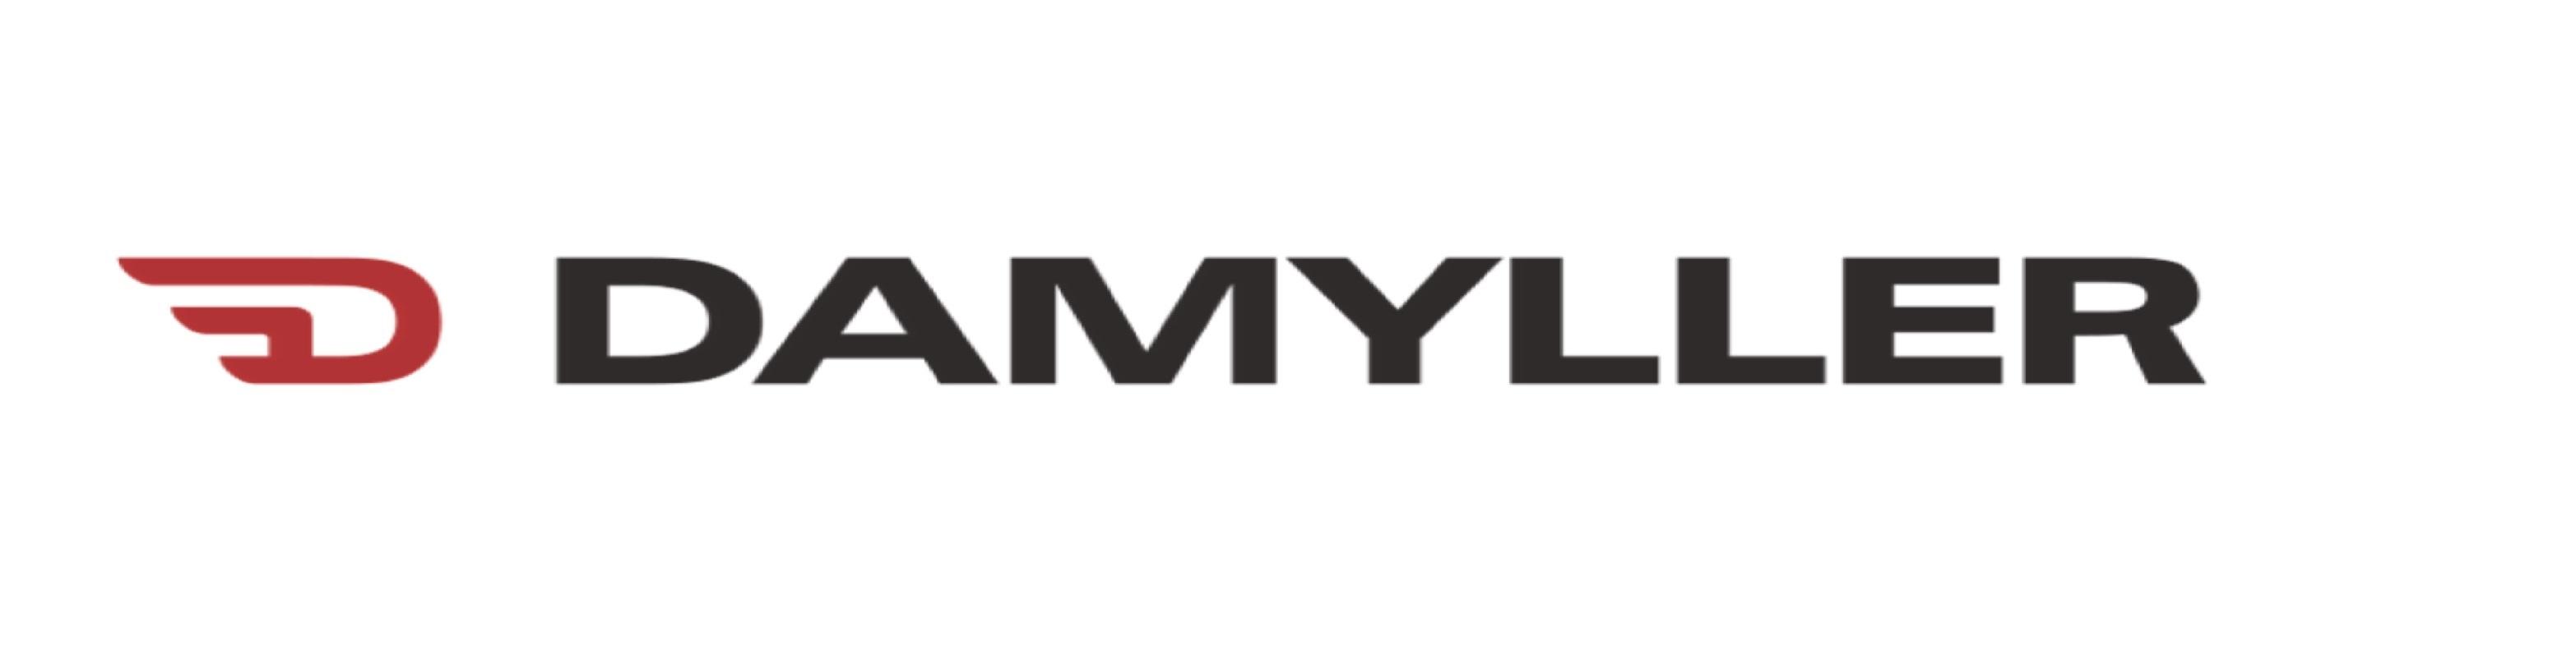 damyl